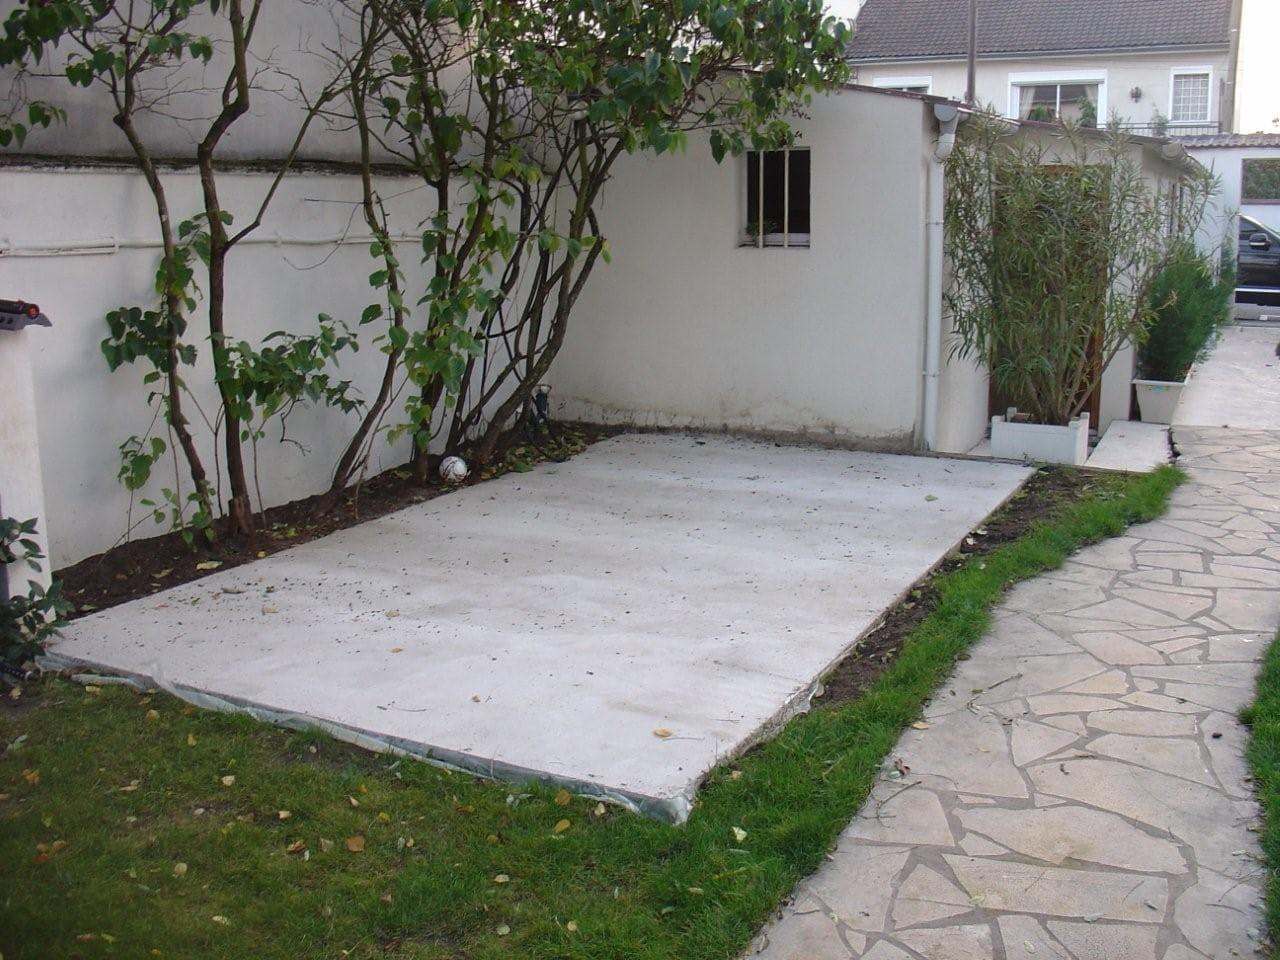 travaux-amenagement-jardin-5-decaissement-graviers-ferraillage -coulage-d'une-dalle-en-beton-texas-batiment-rge-min